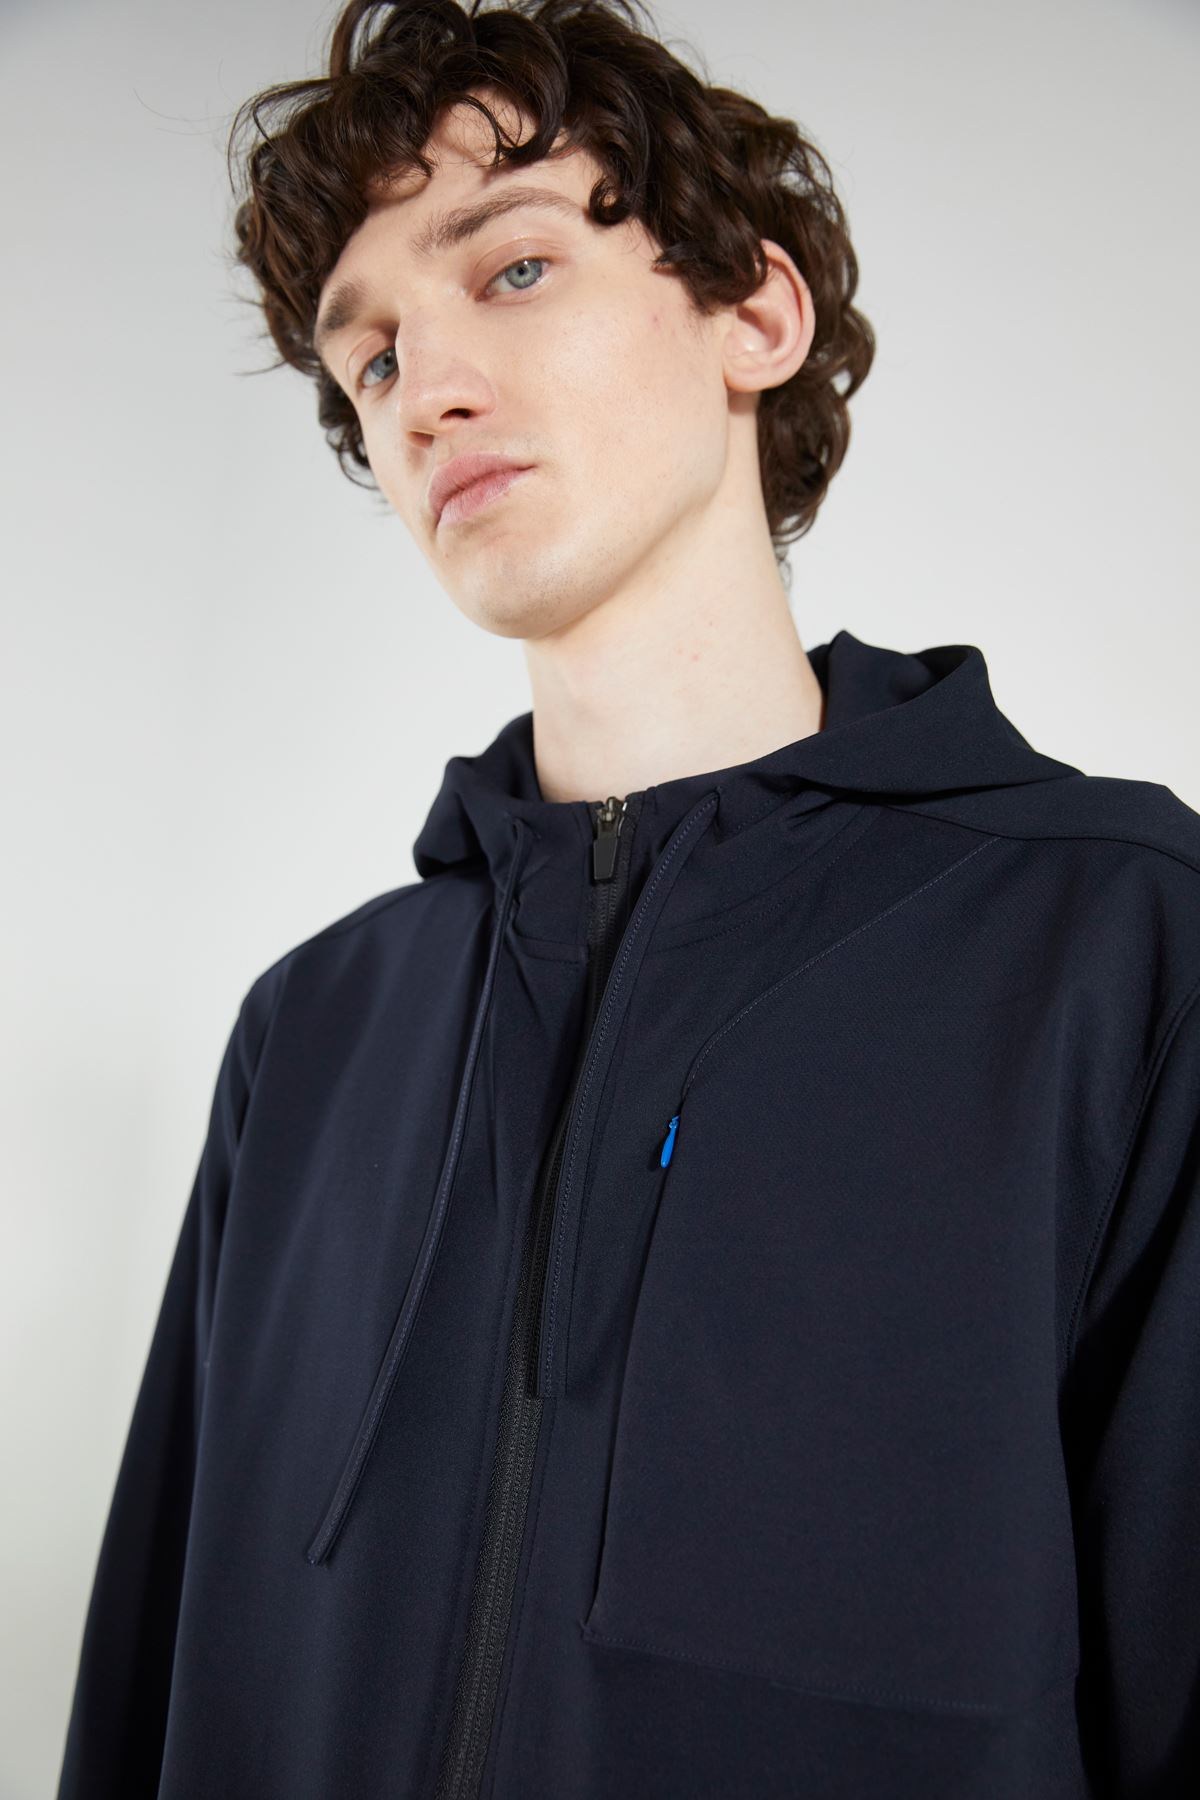 Lacivert Kapüşonlu Fermuarlı Cep Detaylı Uzun Kol Sweatshirt